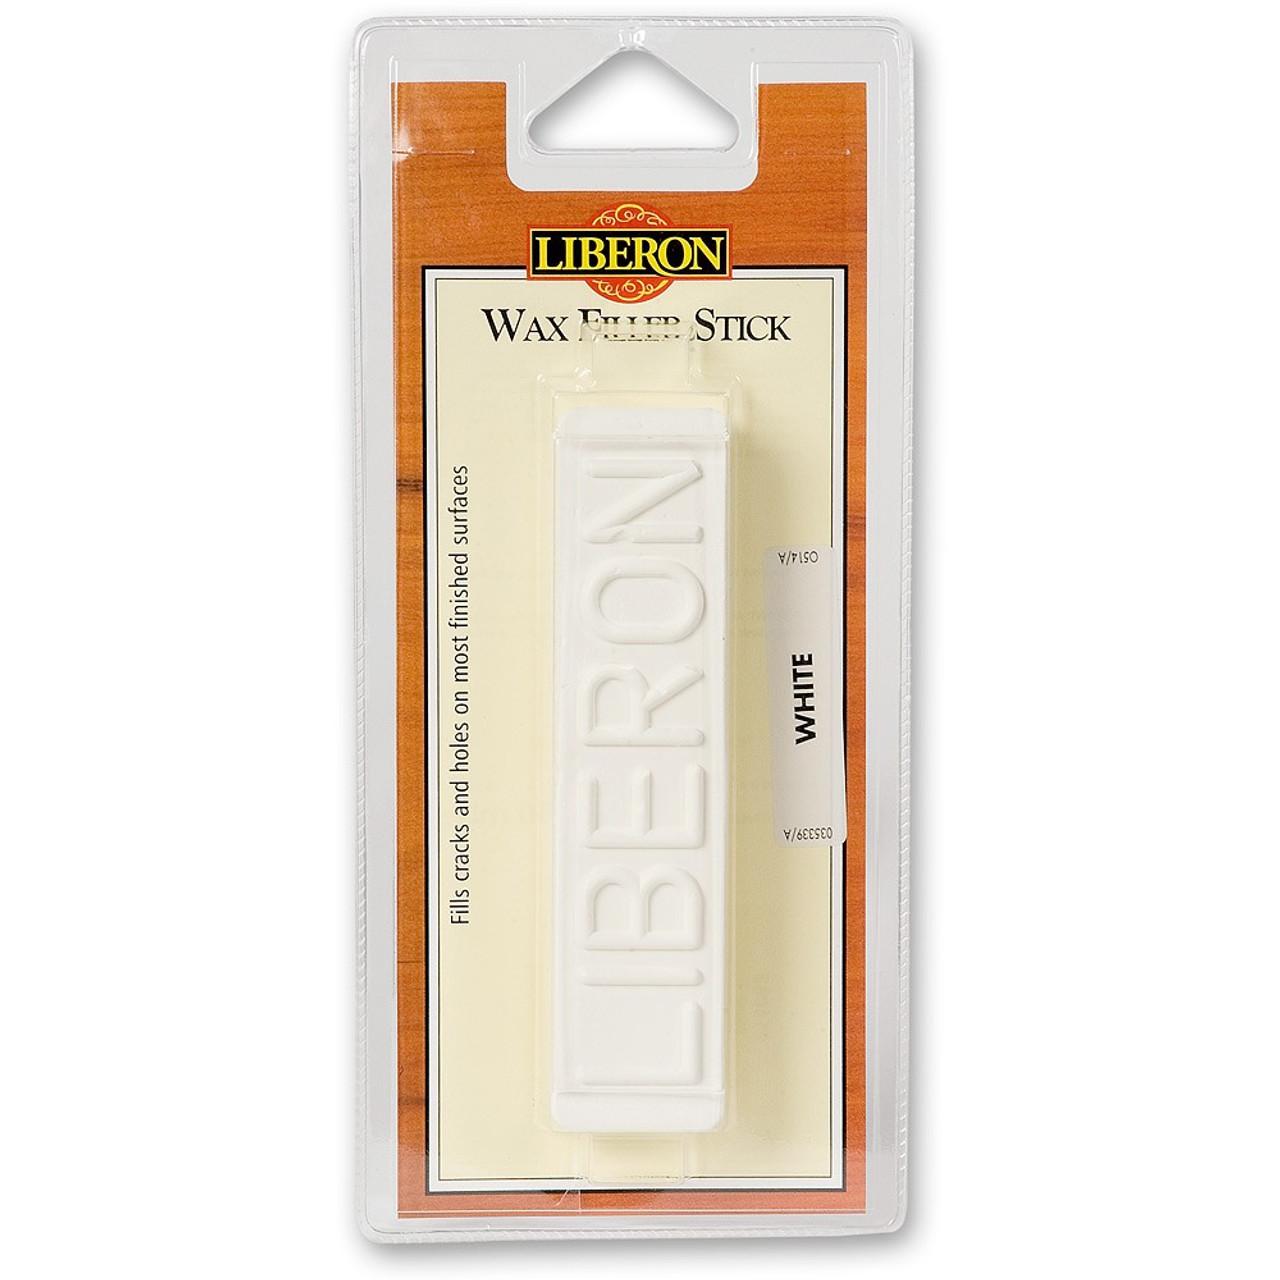 Liberon Wax Filler Stick 50g